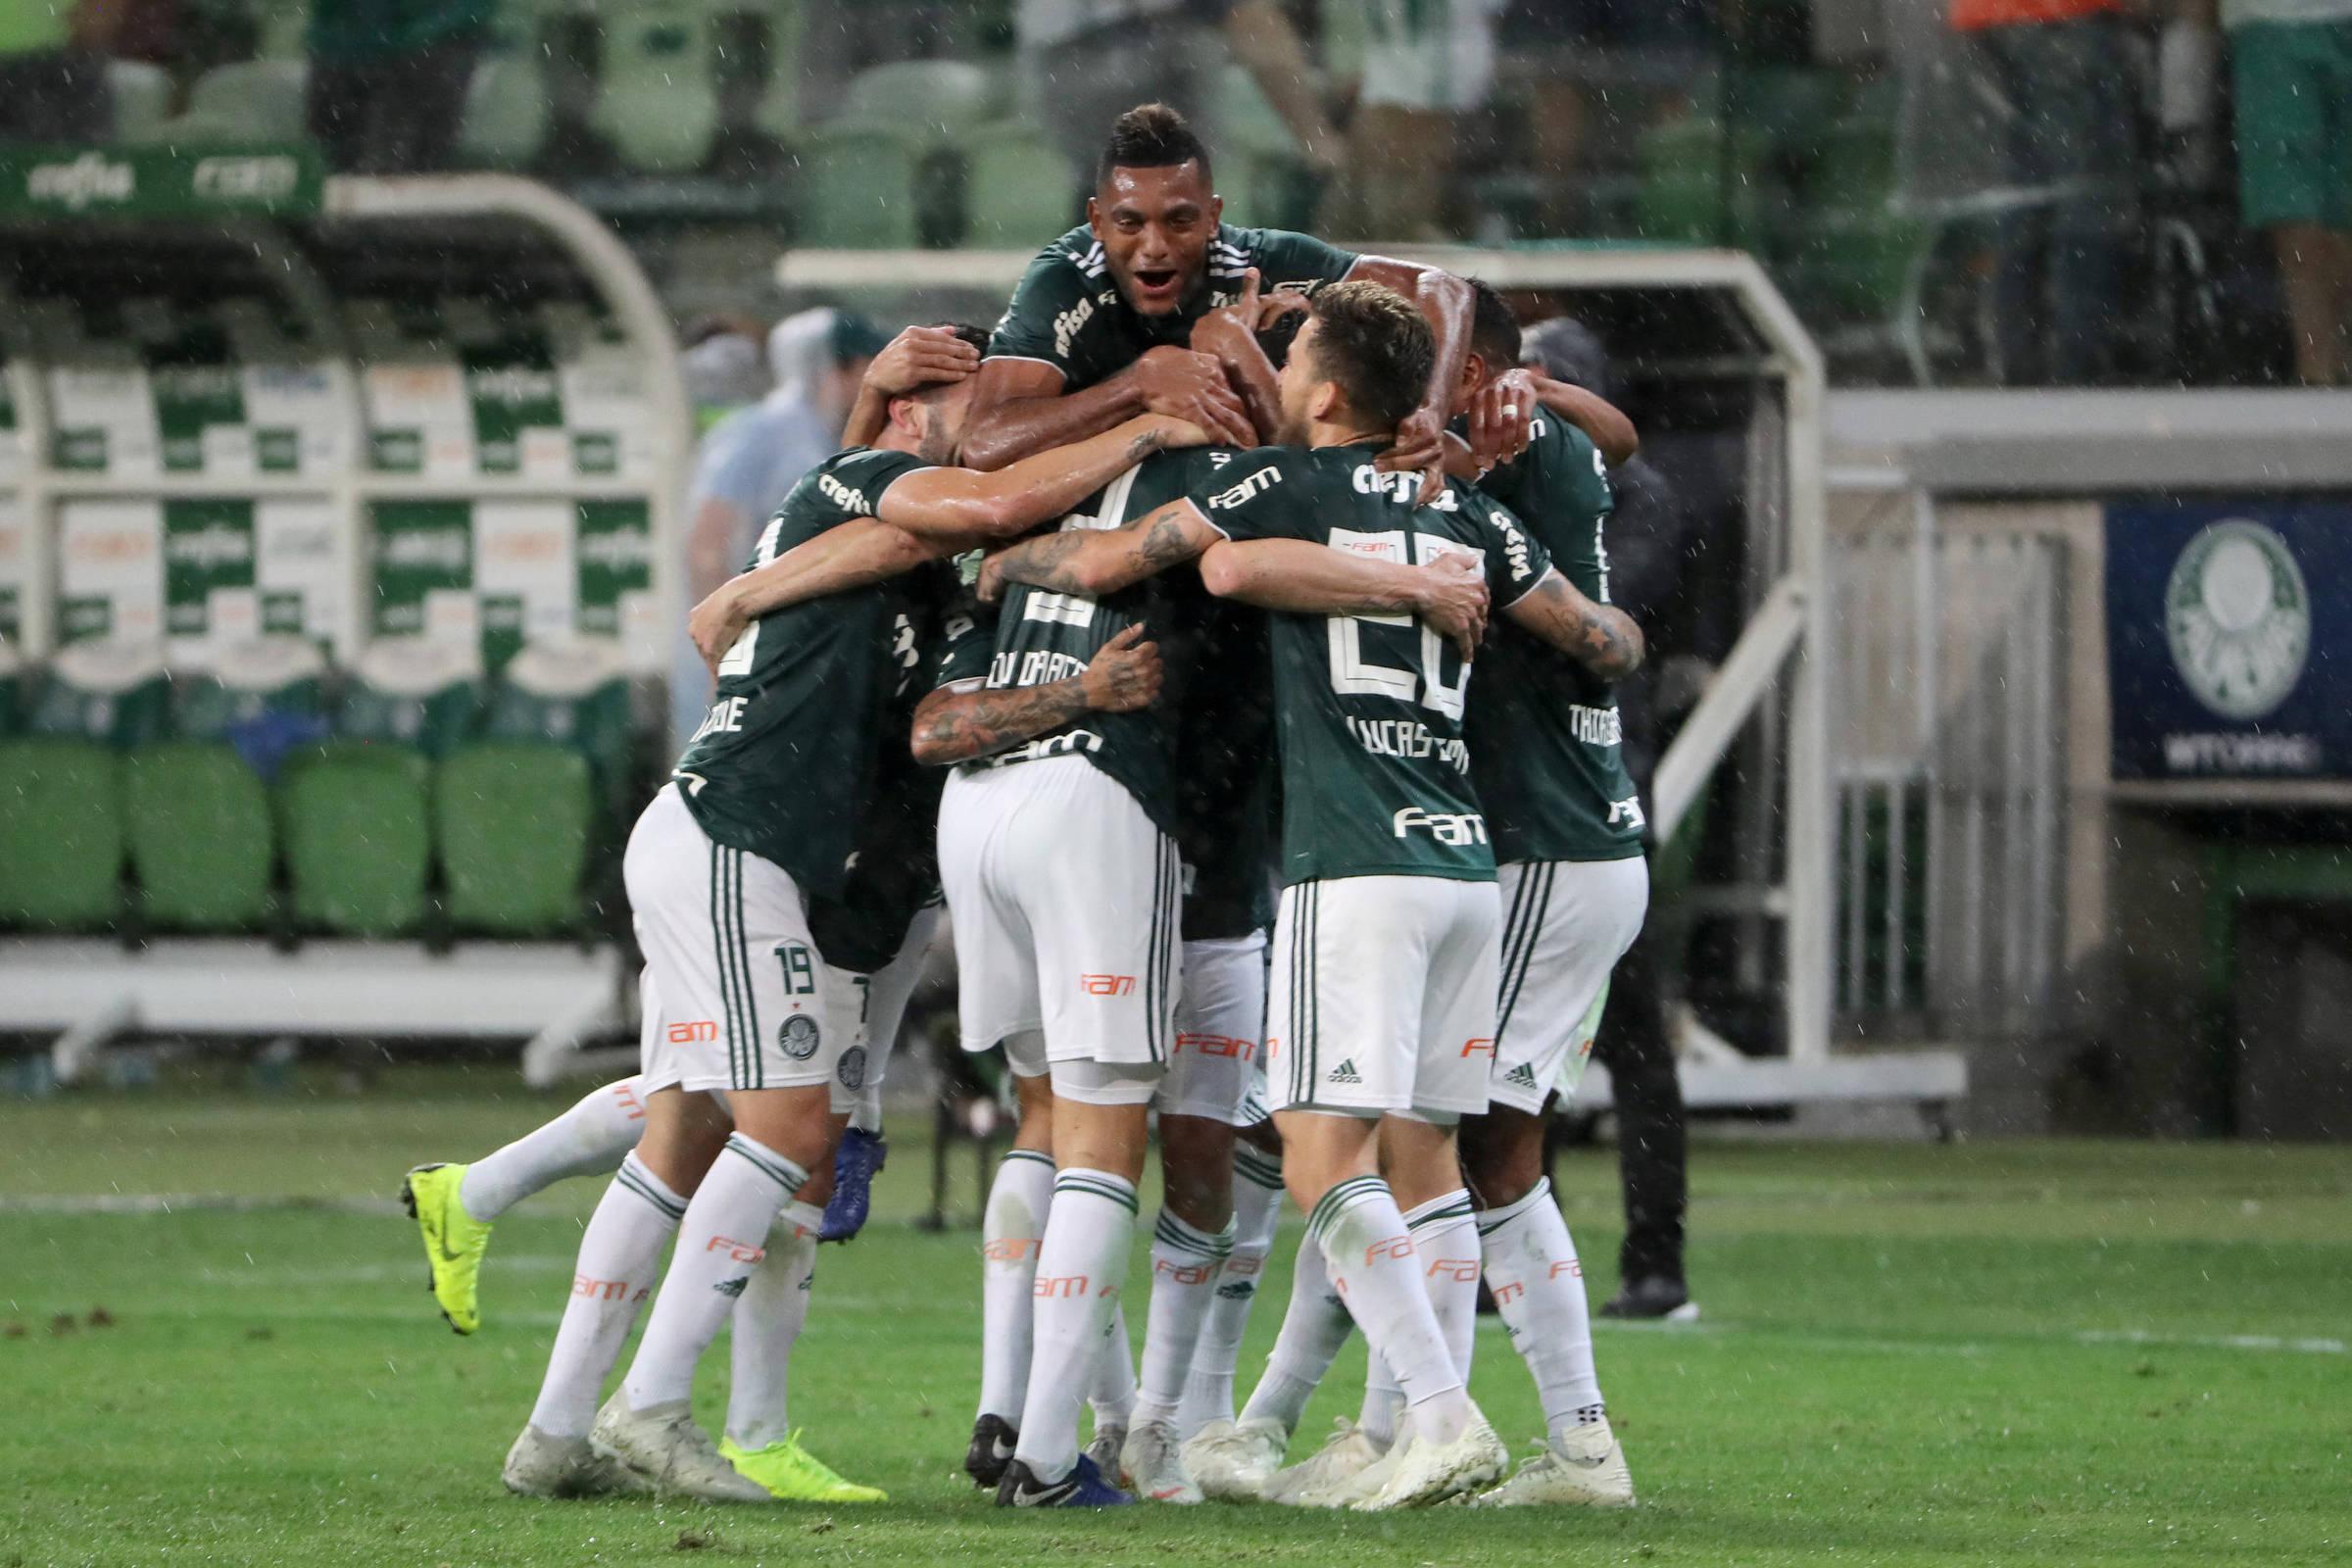 Quatro times podem definir o título entre Palmeiras e Internacional -  05 11 2018 - Esporte - Folha c94f6d359ad6f